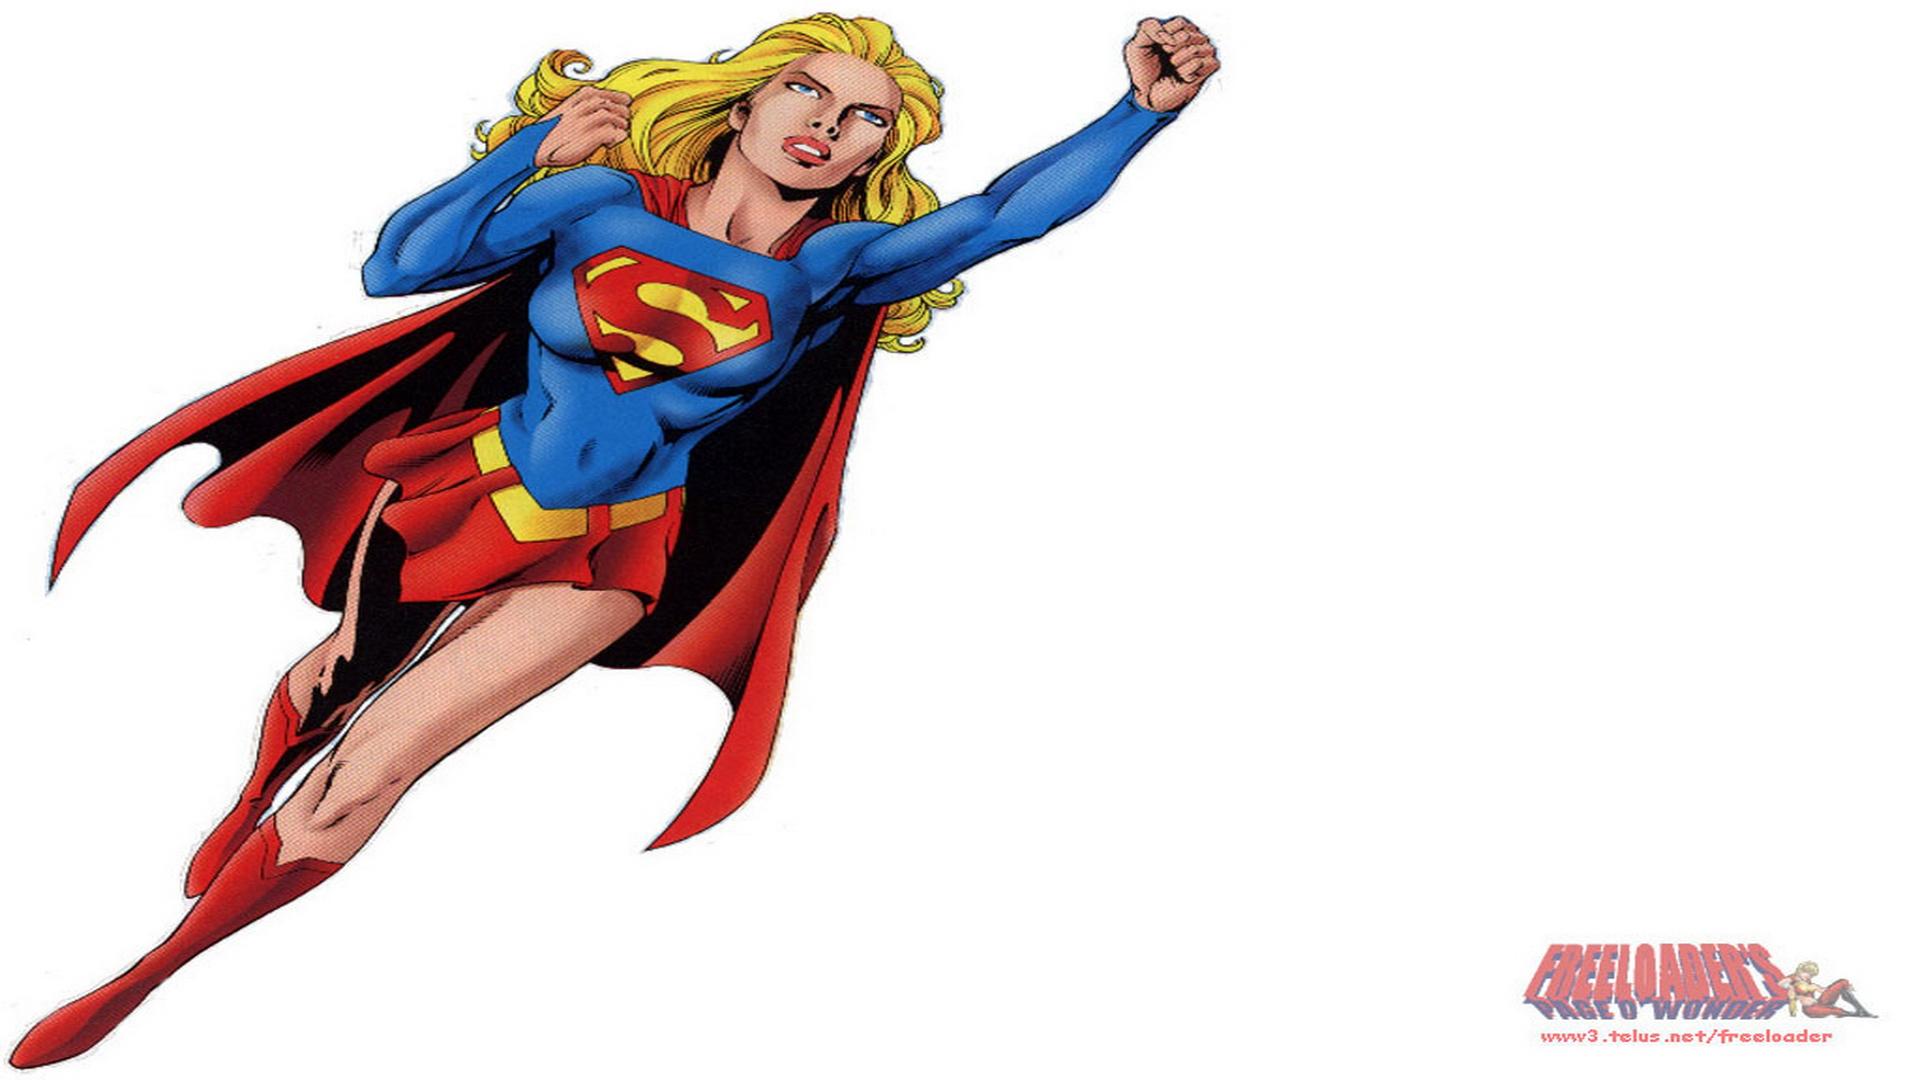 dark supergirl wallpaper - photo #25